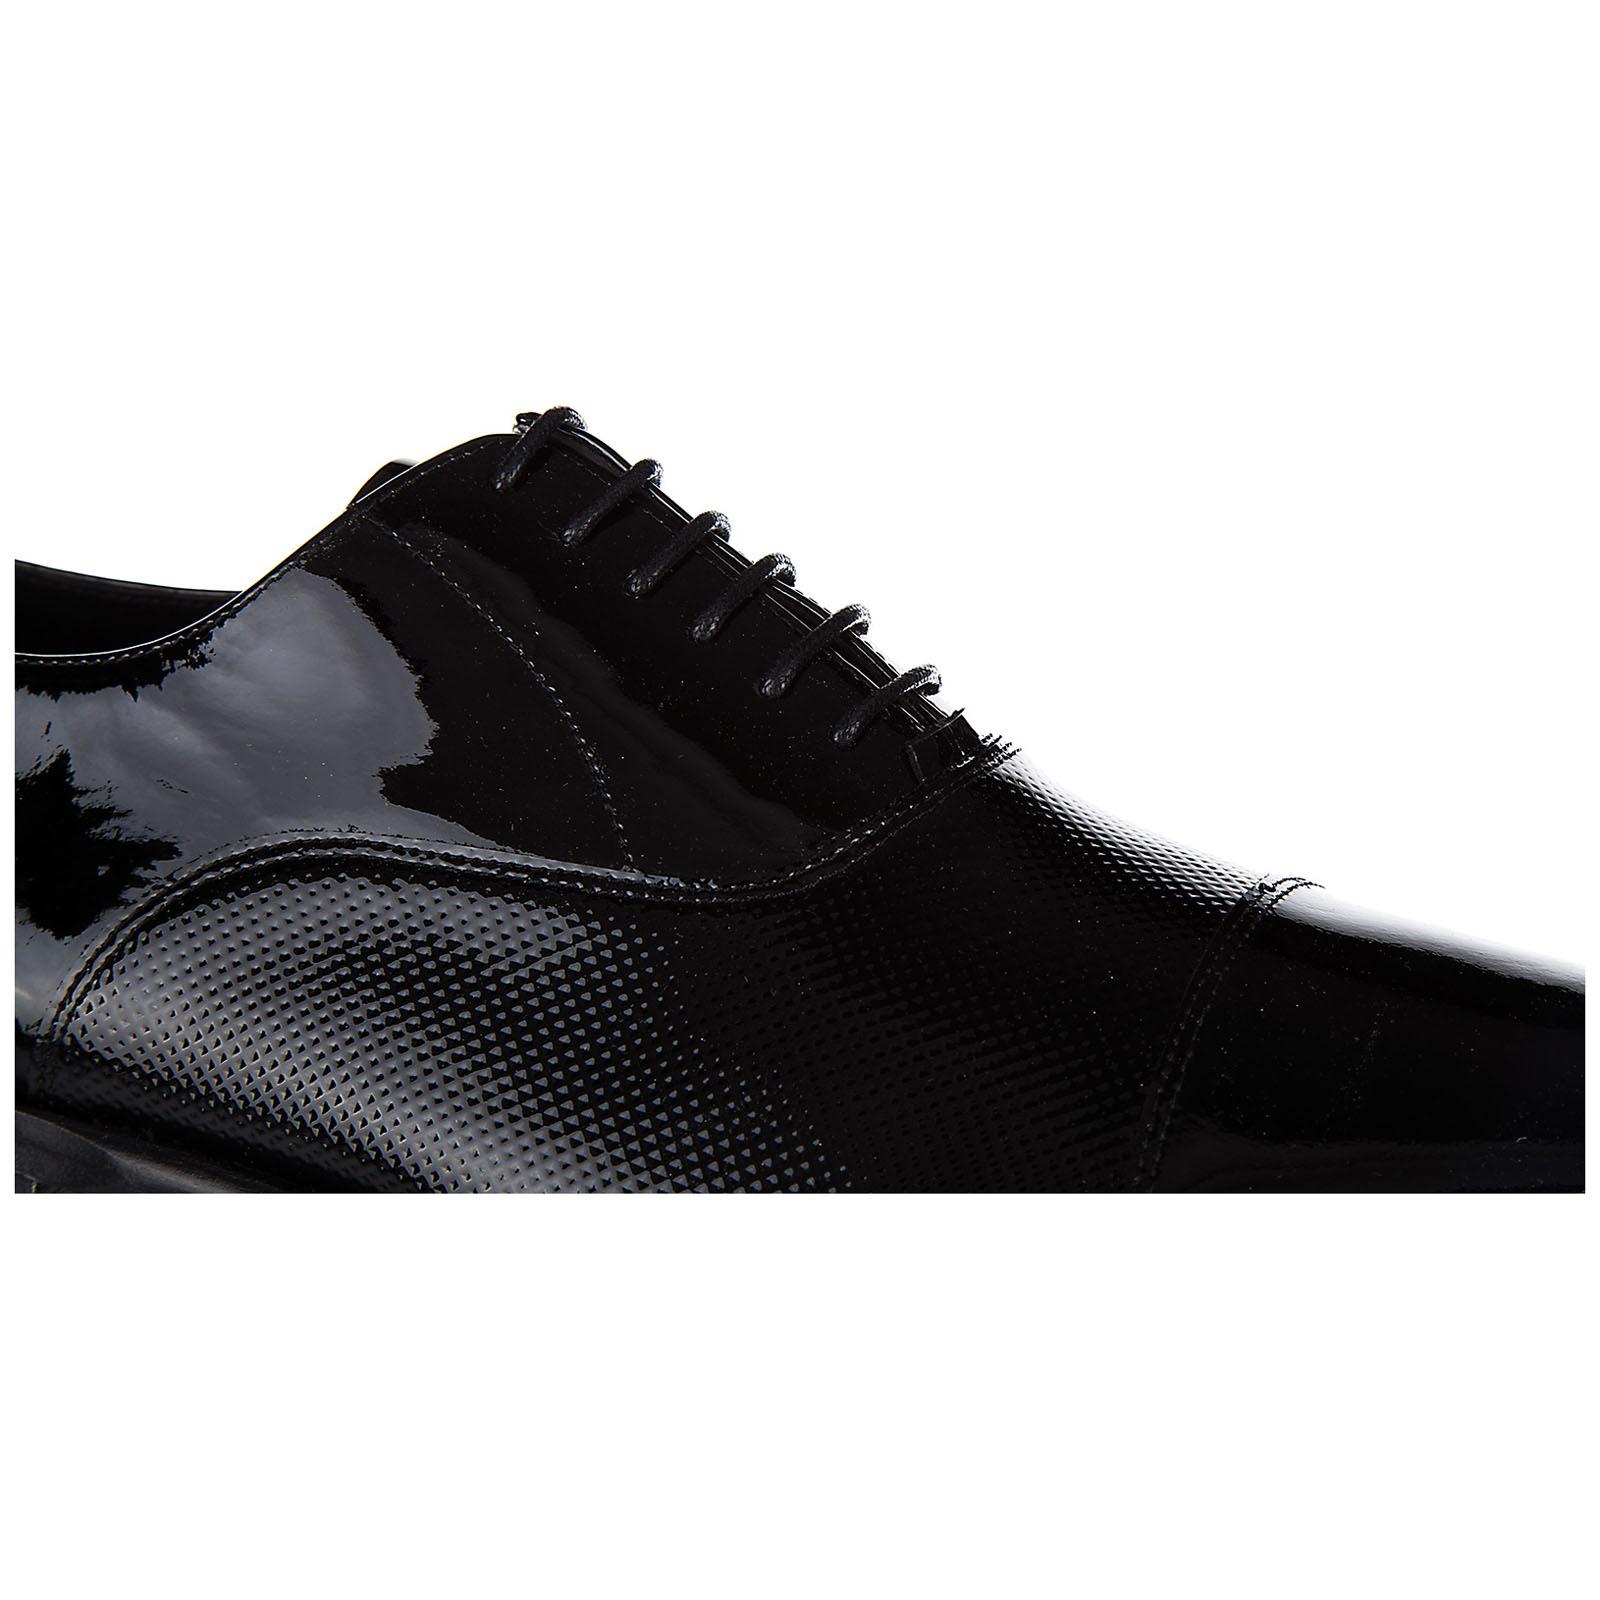 Clásico zapatos de cordones hombres en piel oxford